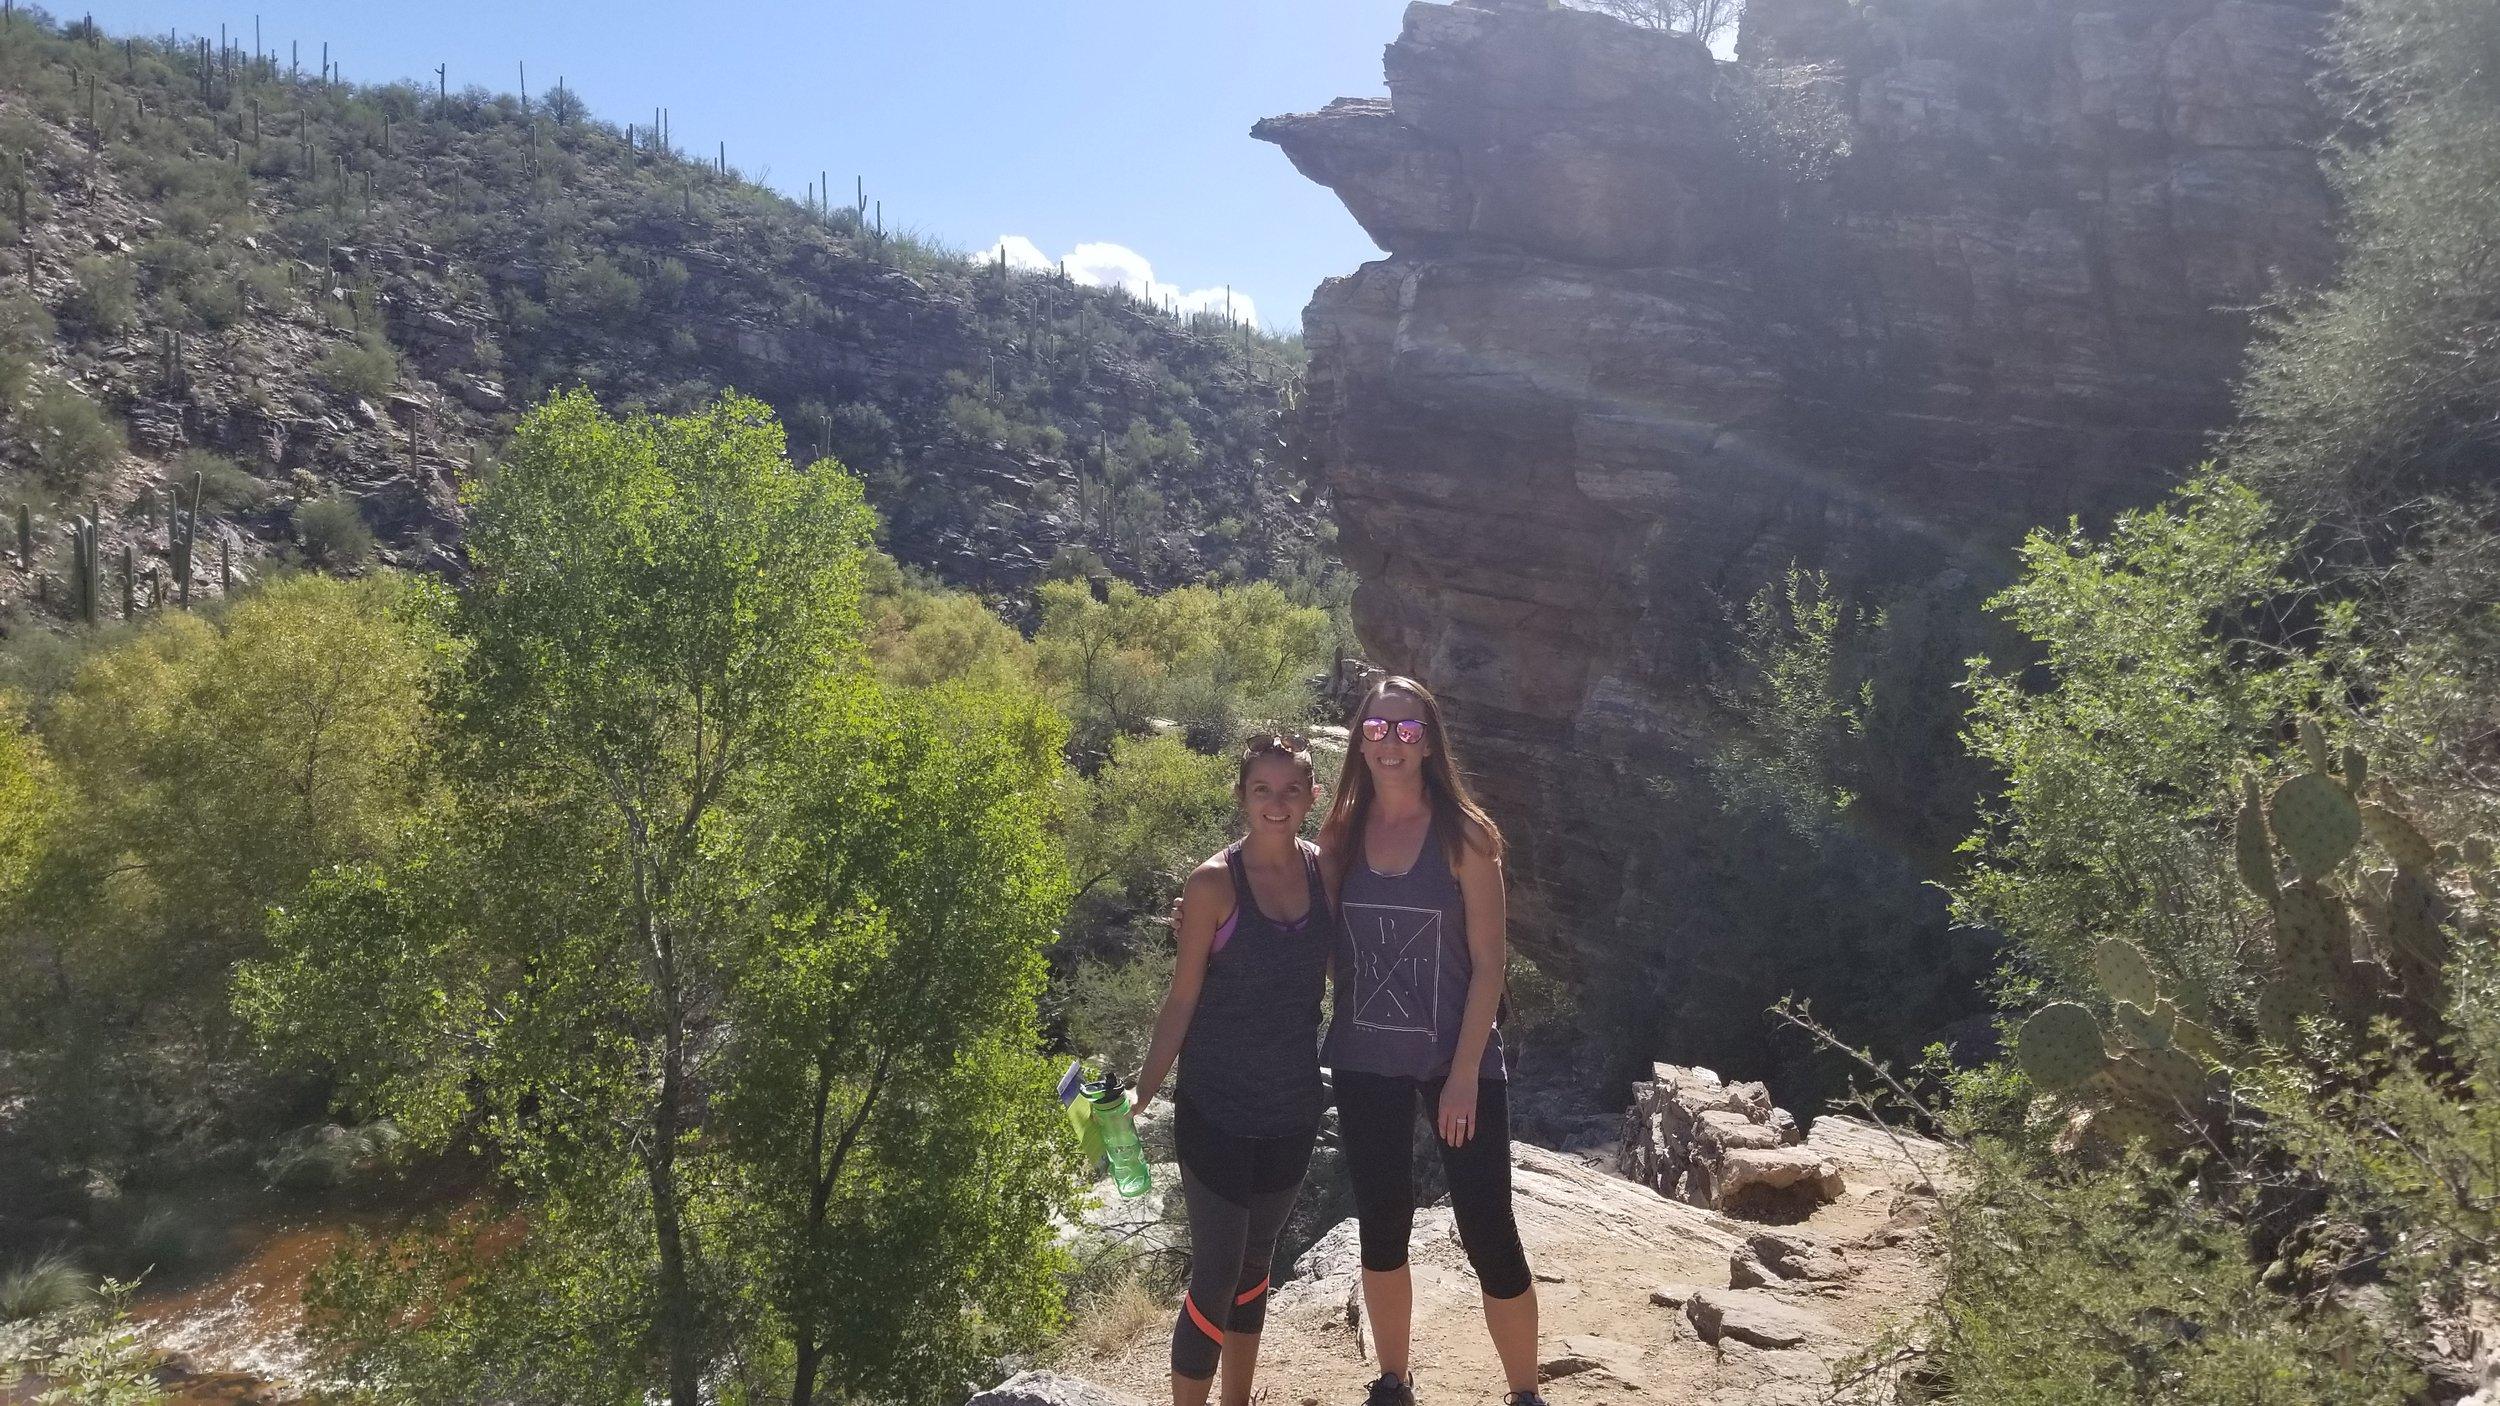 Tucson_HikeKatlinSara.jpg